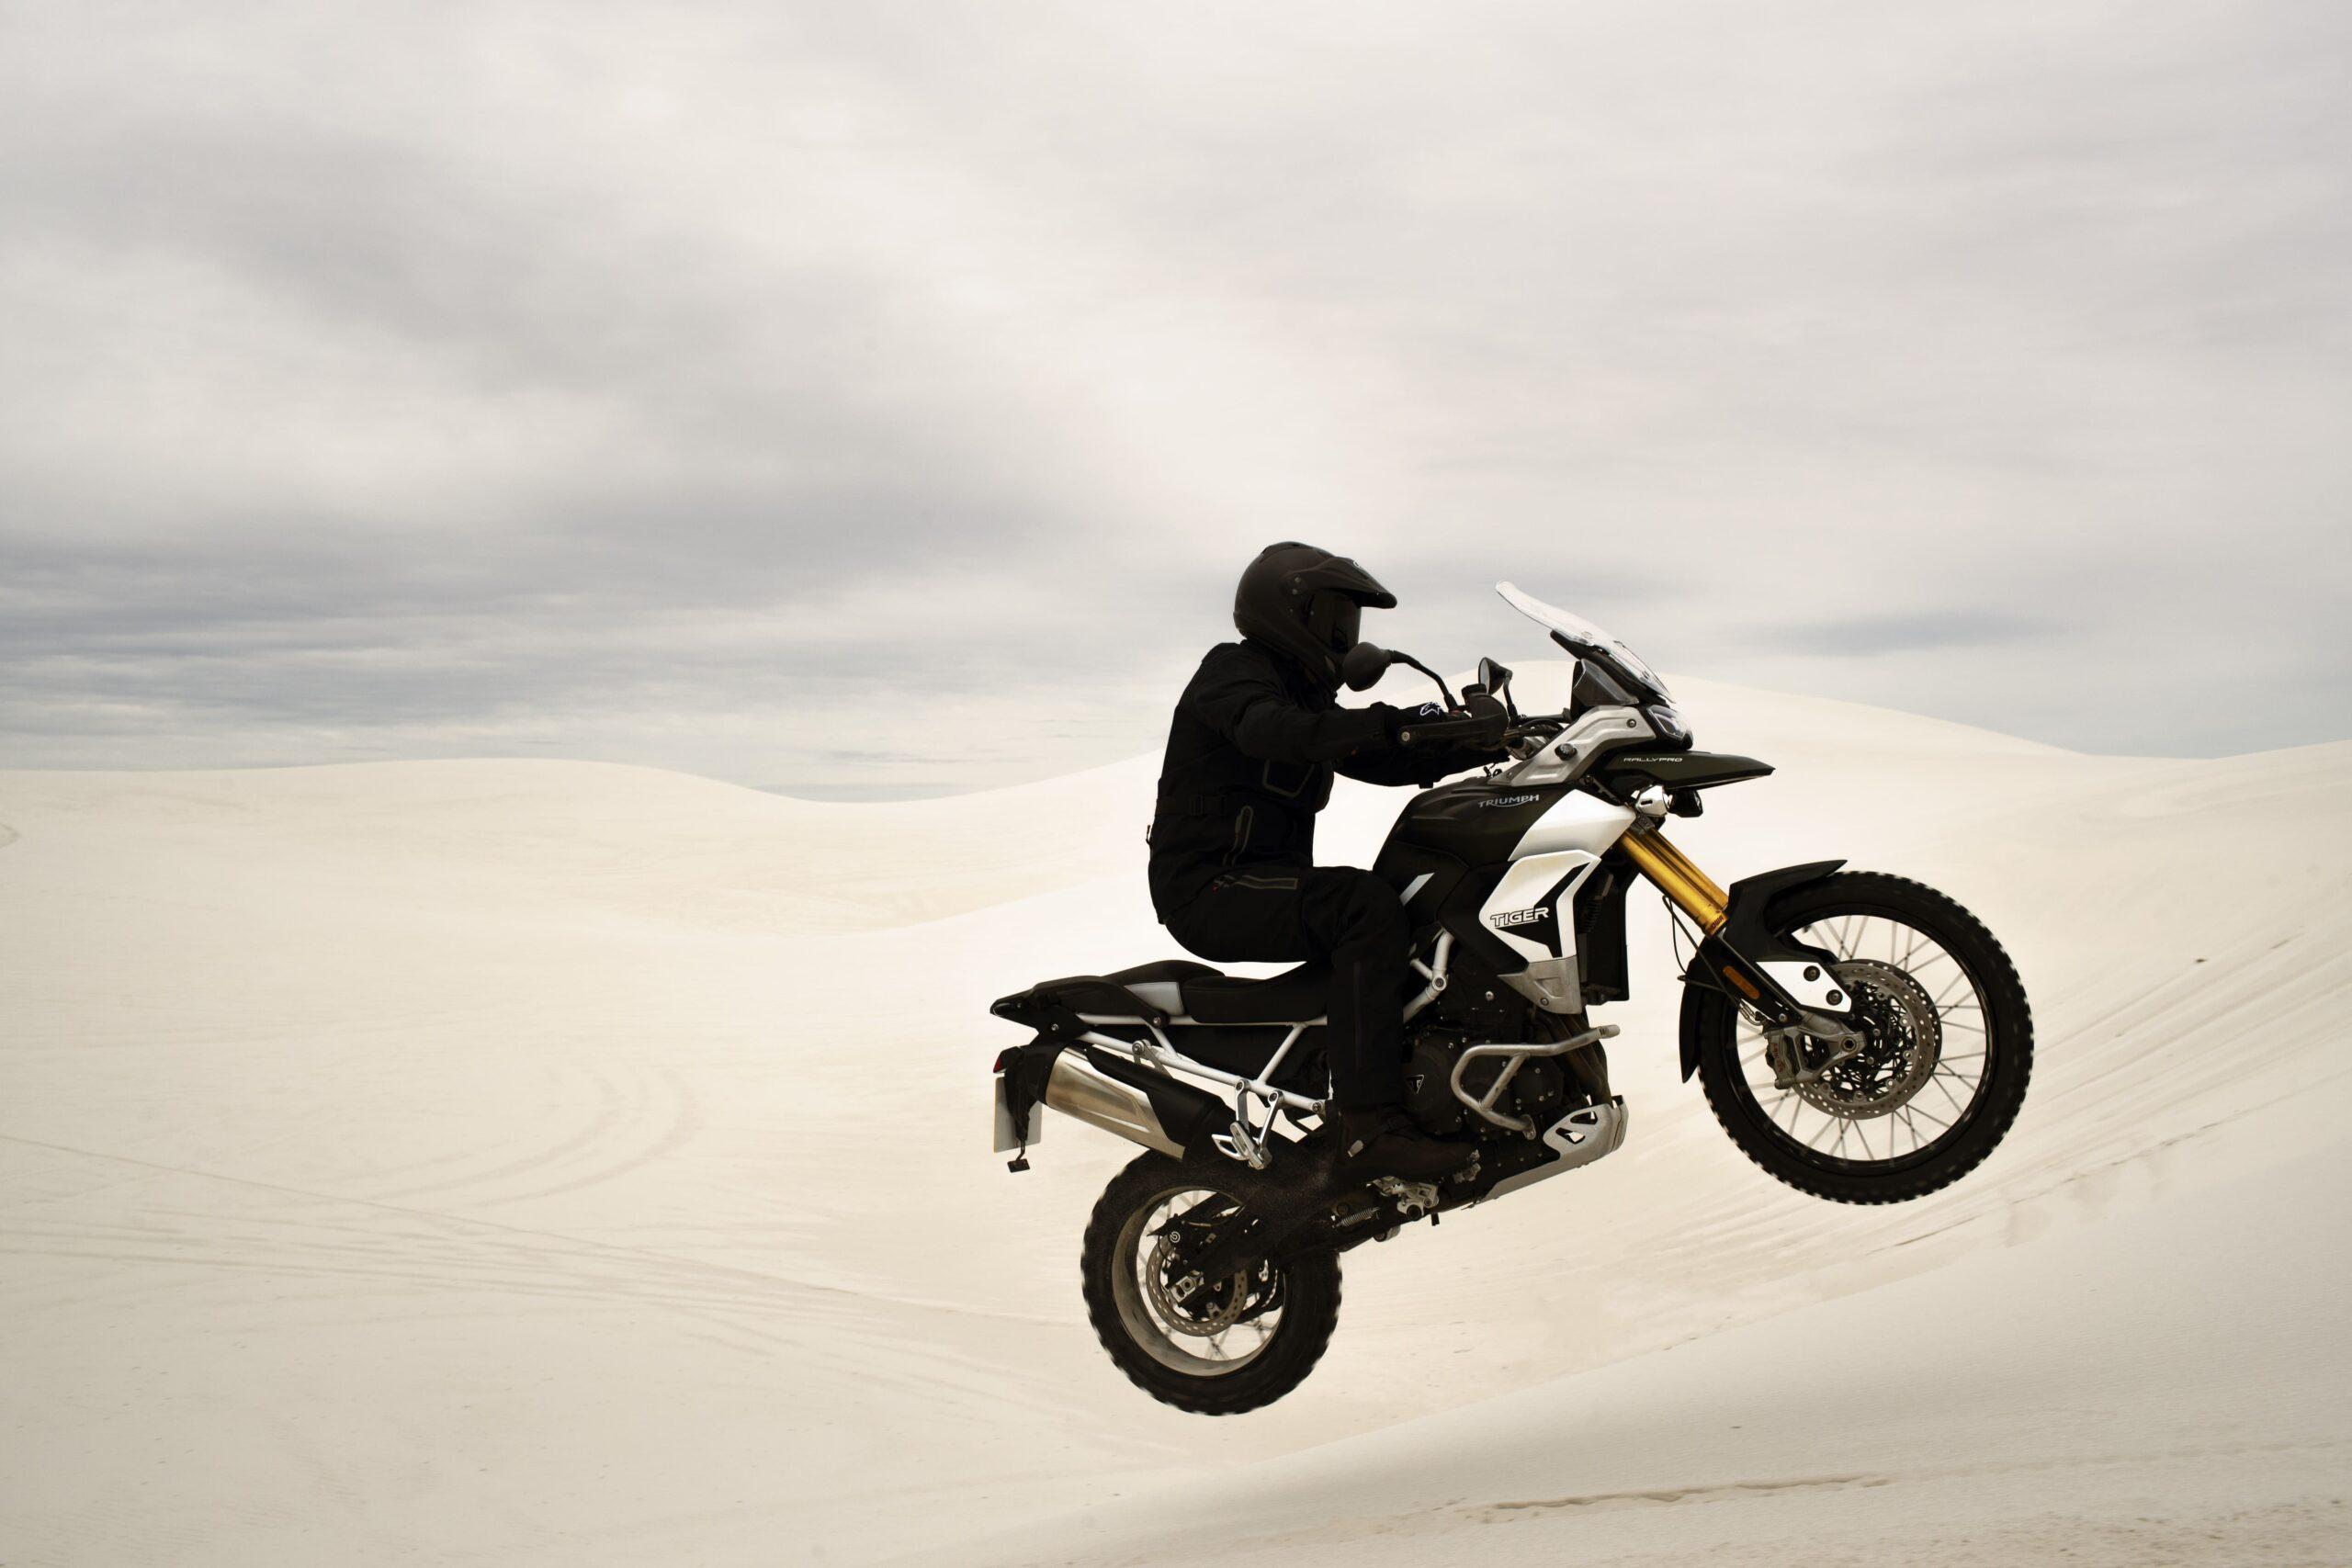 tiger-900-rally-pro-20MY-AZ4I9080-AB-1